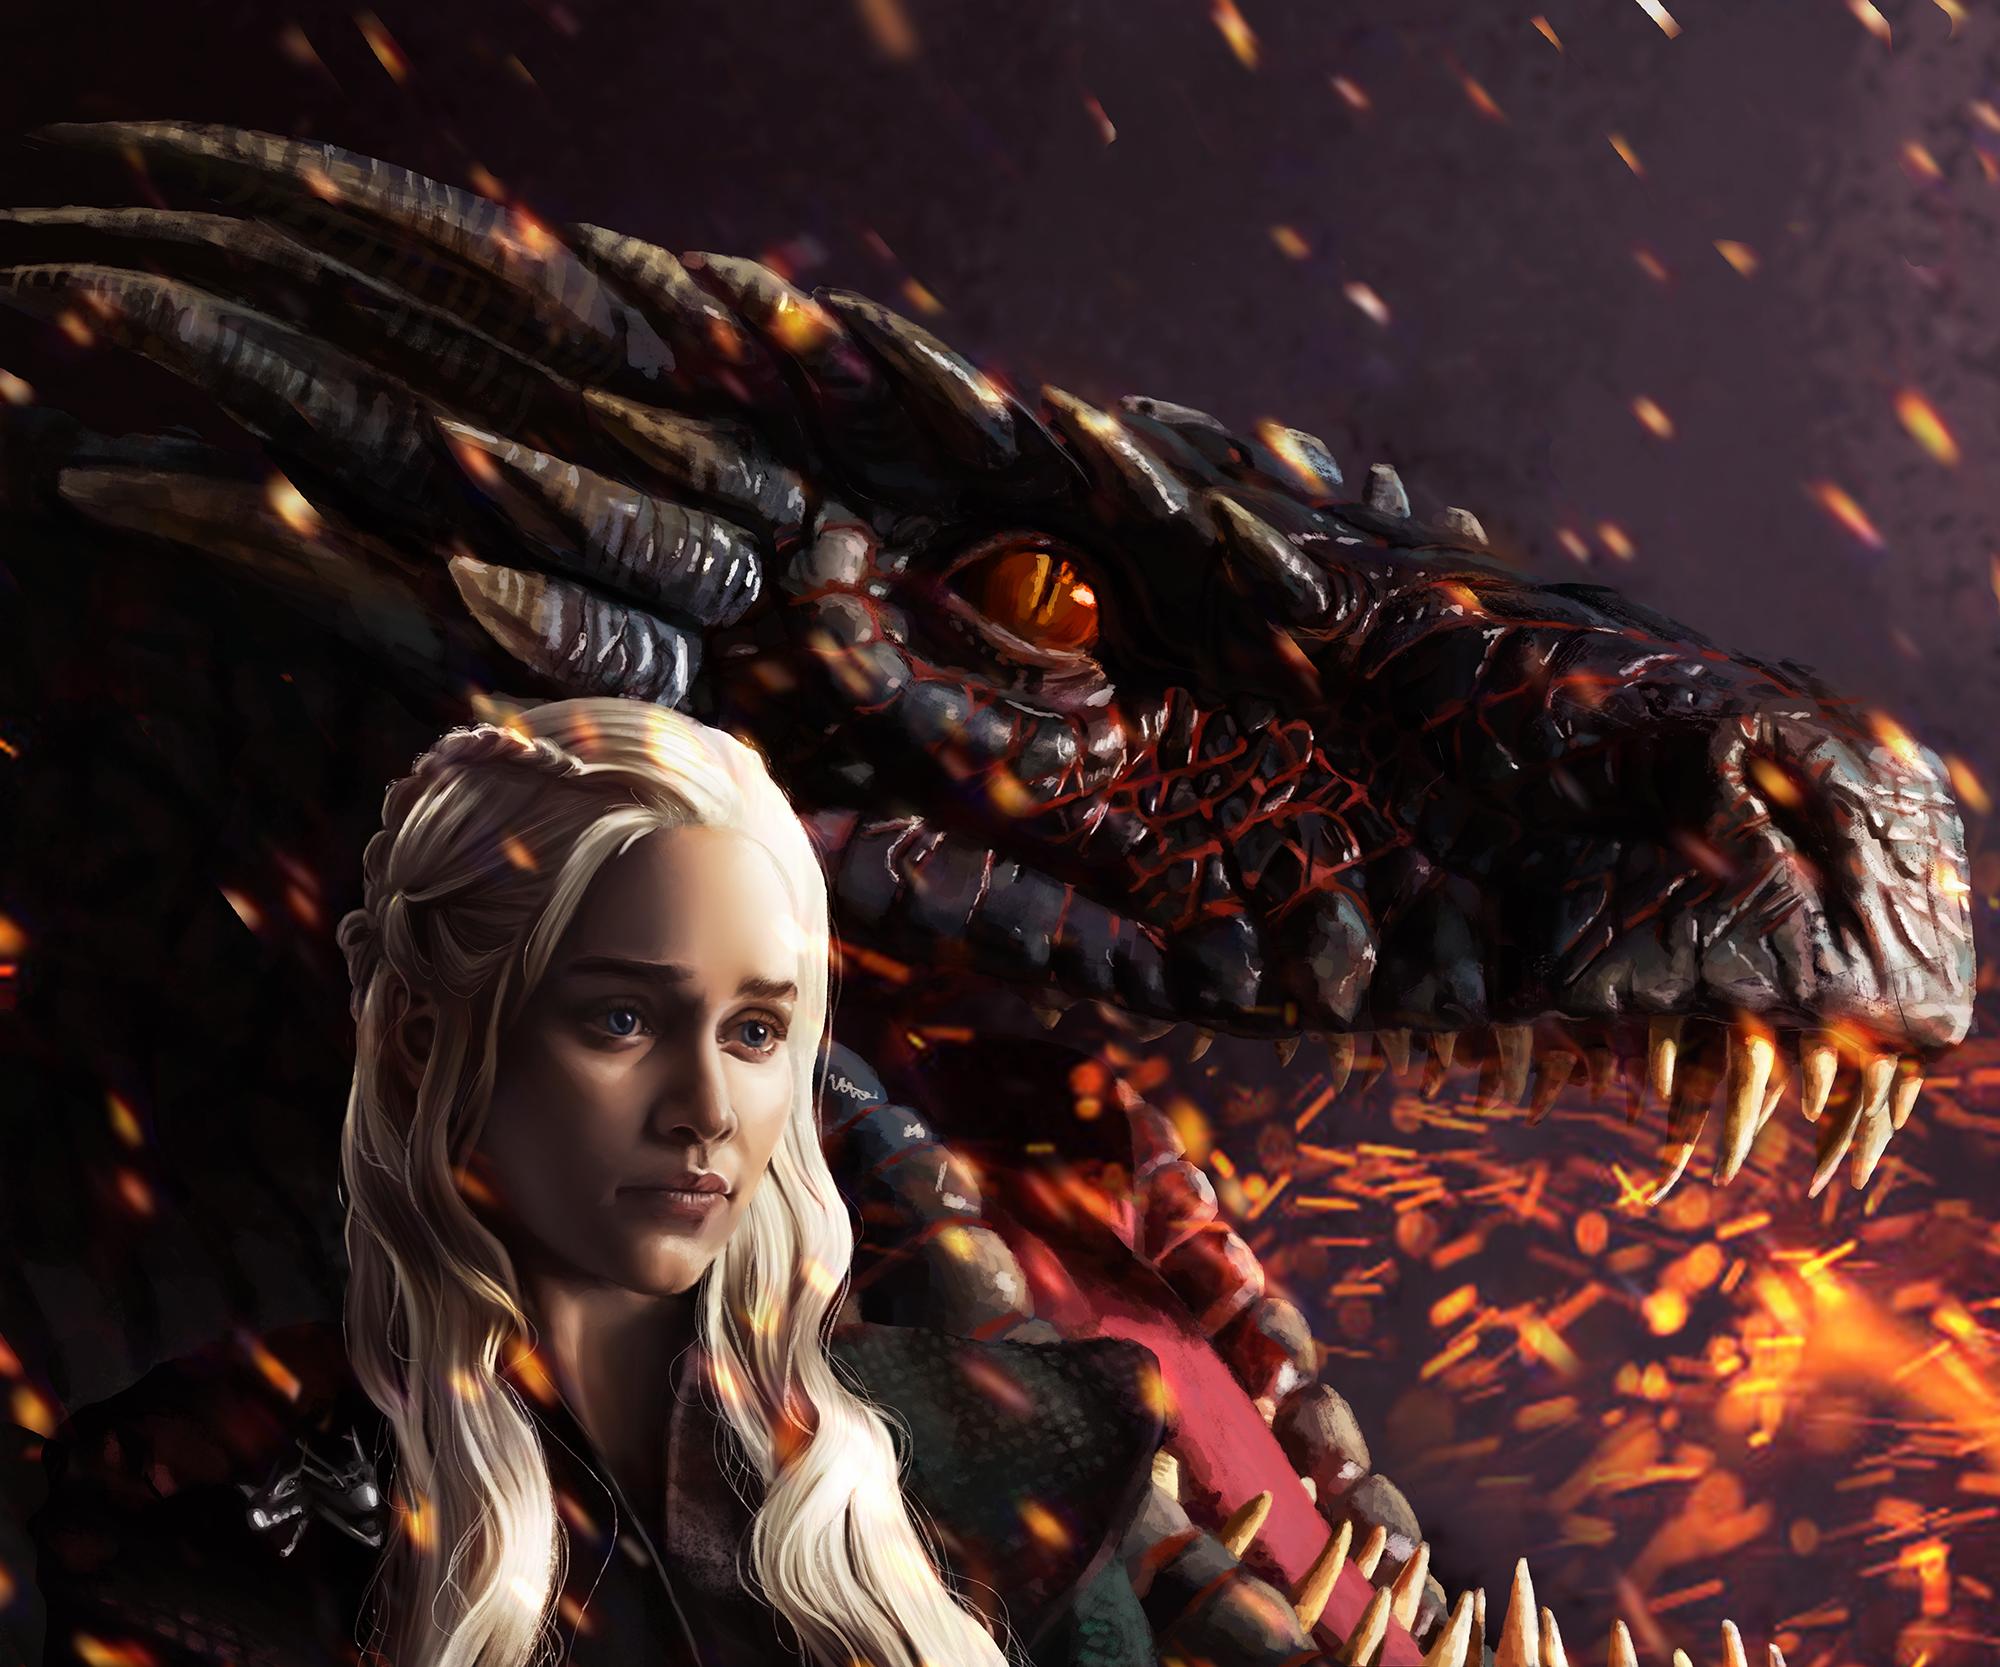 рецепт фото мать драконов из игры также конце